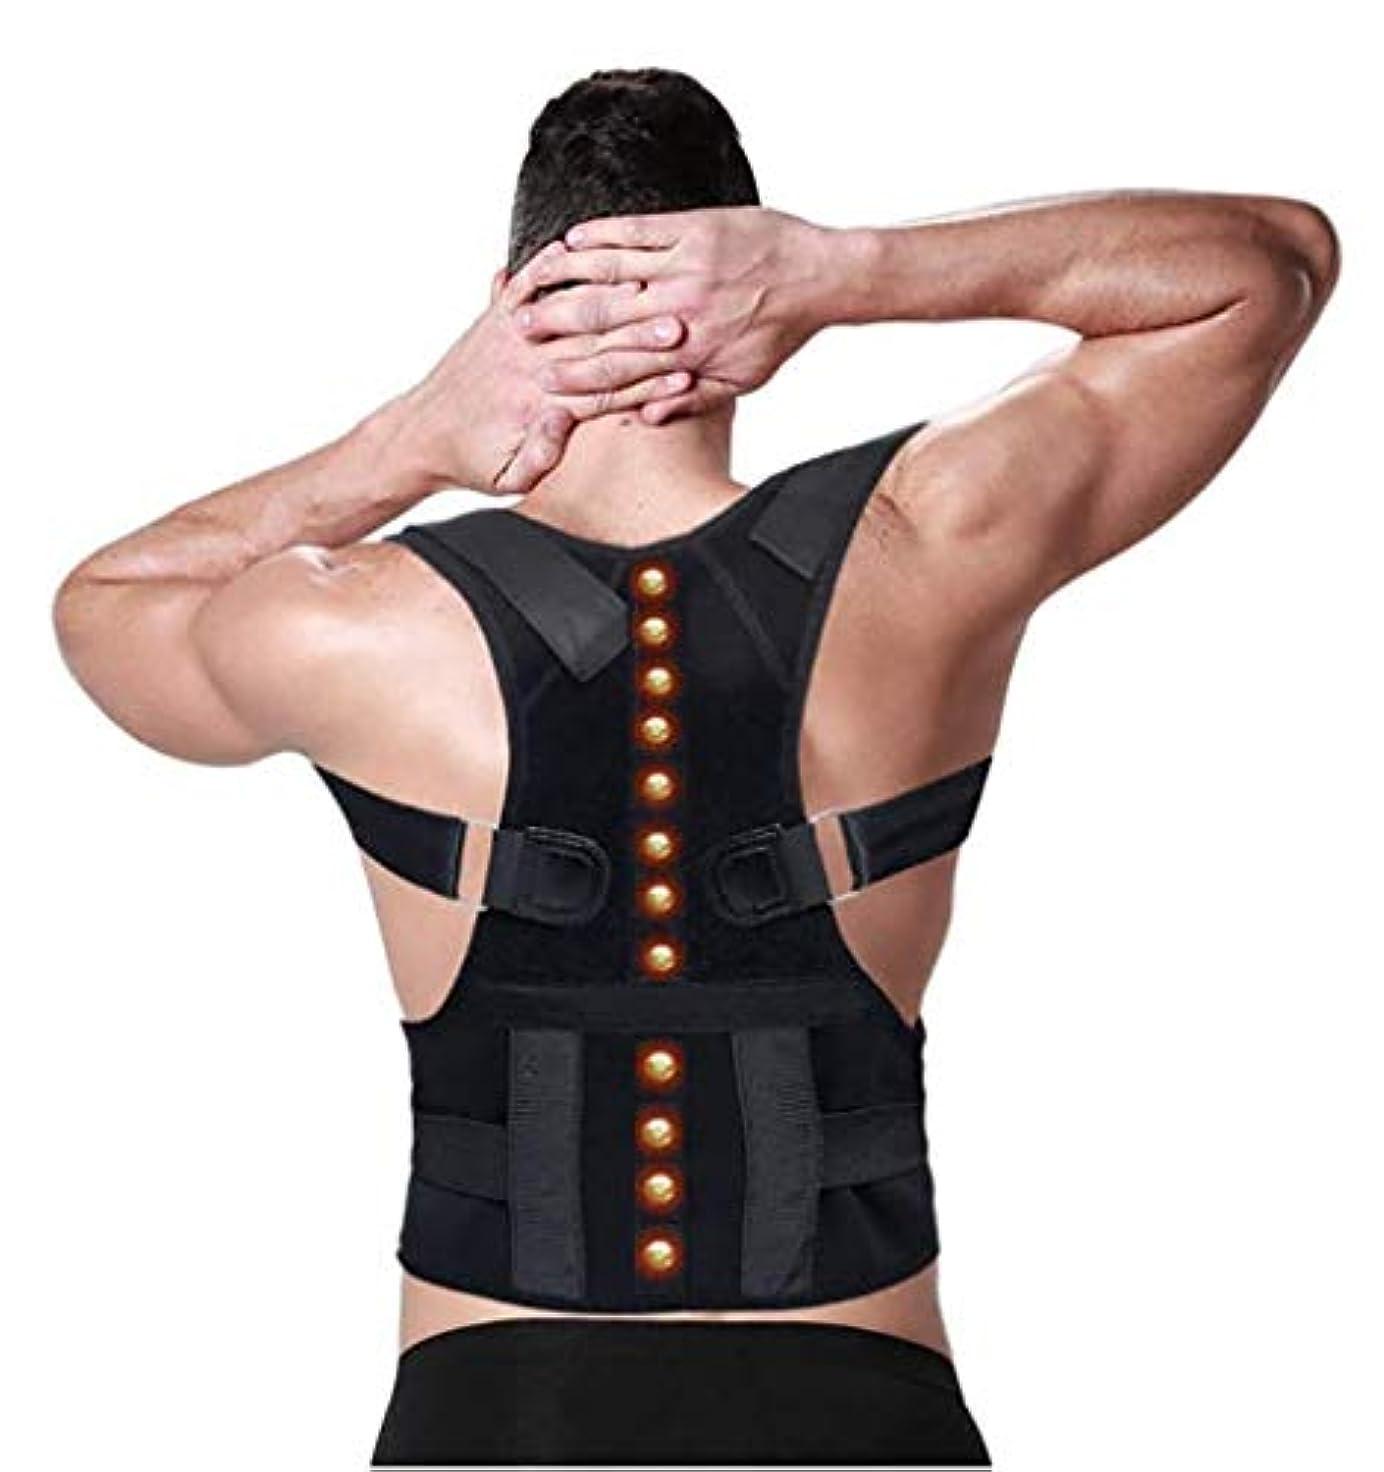 エッセンス銀行コロニアル姿勢矯正ベルト、背部装具、悪い姿勢の改善、気質の改善、調整可能、腰痛緩和のためのダブルストロングスプリント、オフィス学習演習用 (Size : M)